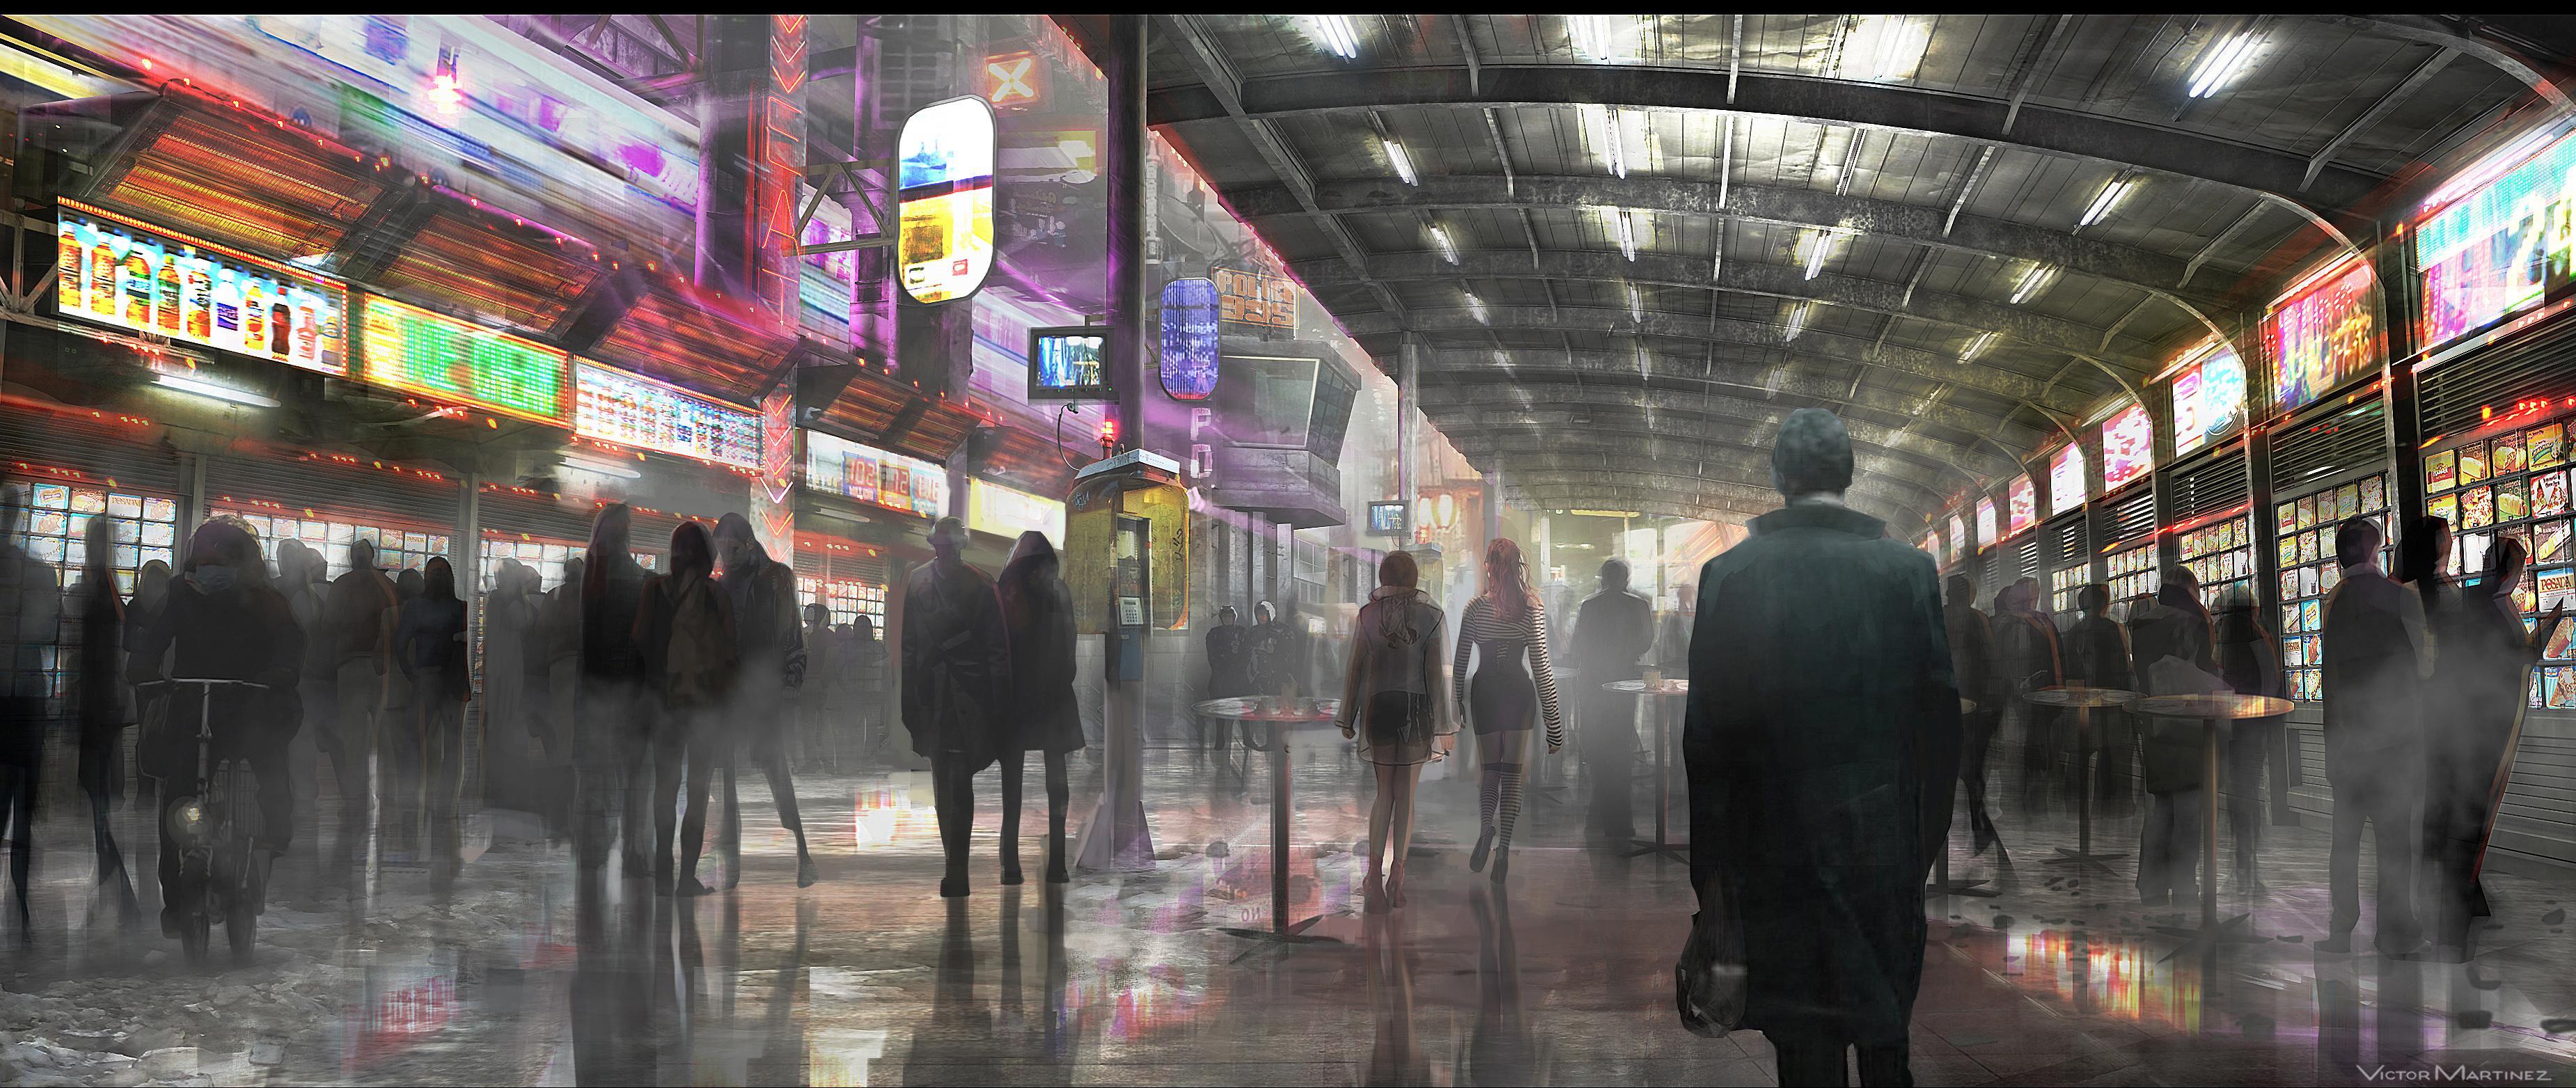 blade runner 3 Blade Runner 2 storyboards reveal toxic Los Angeles wasteland